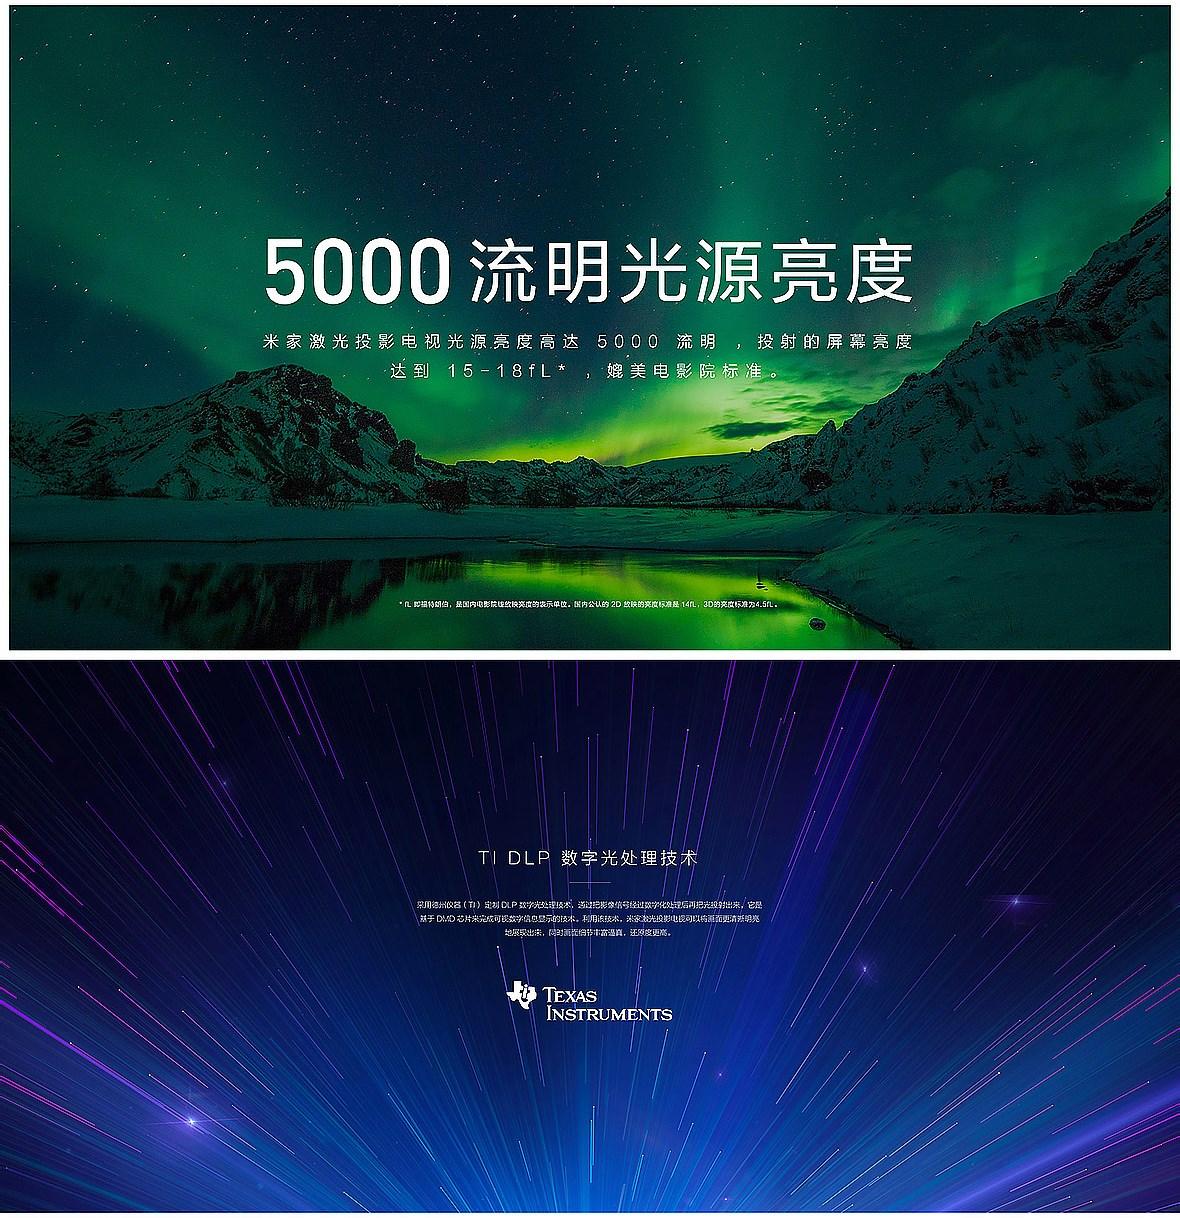 PC_米家激光电视_web_05.jpg